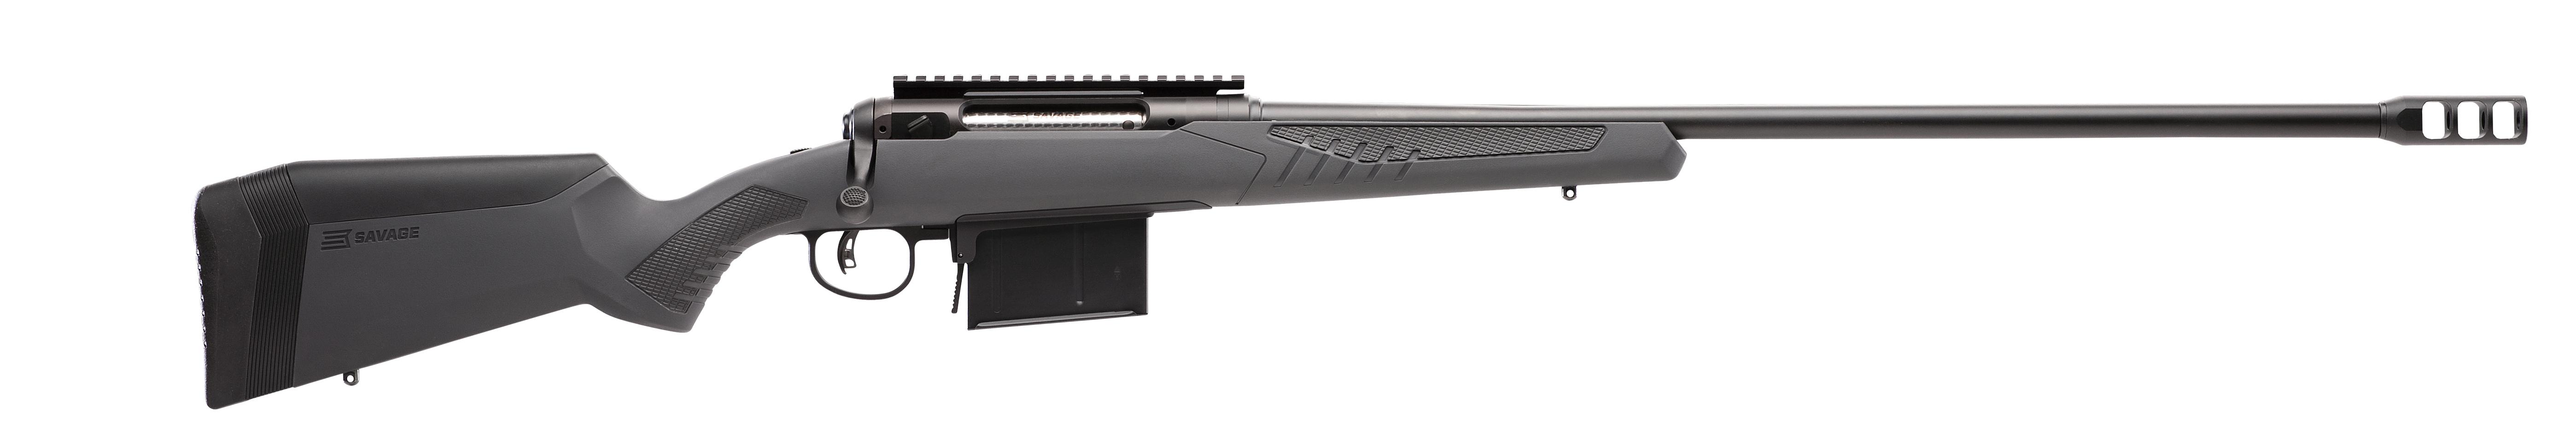 Model 110 Long Range Hunter